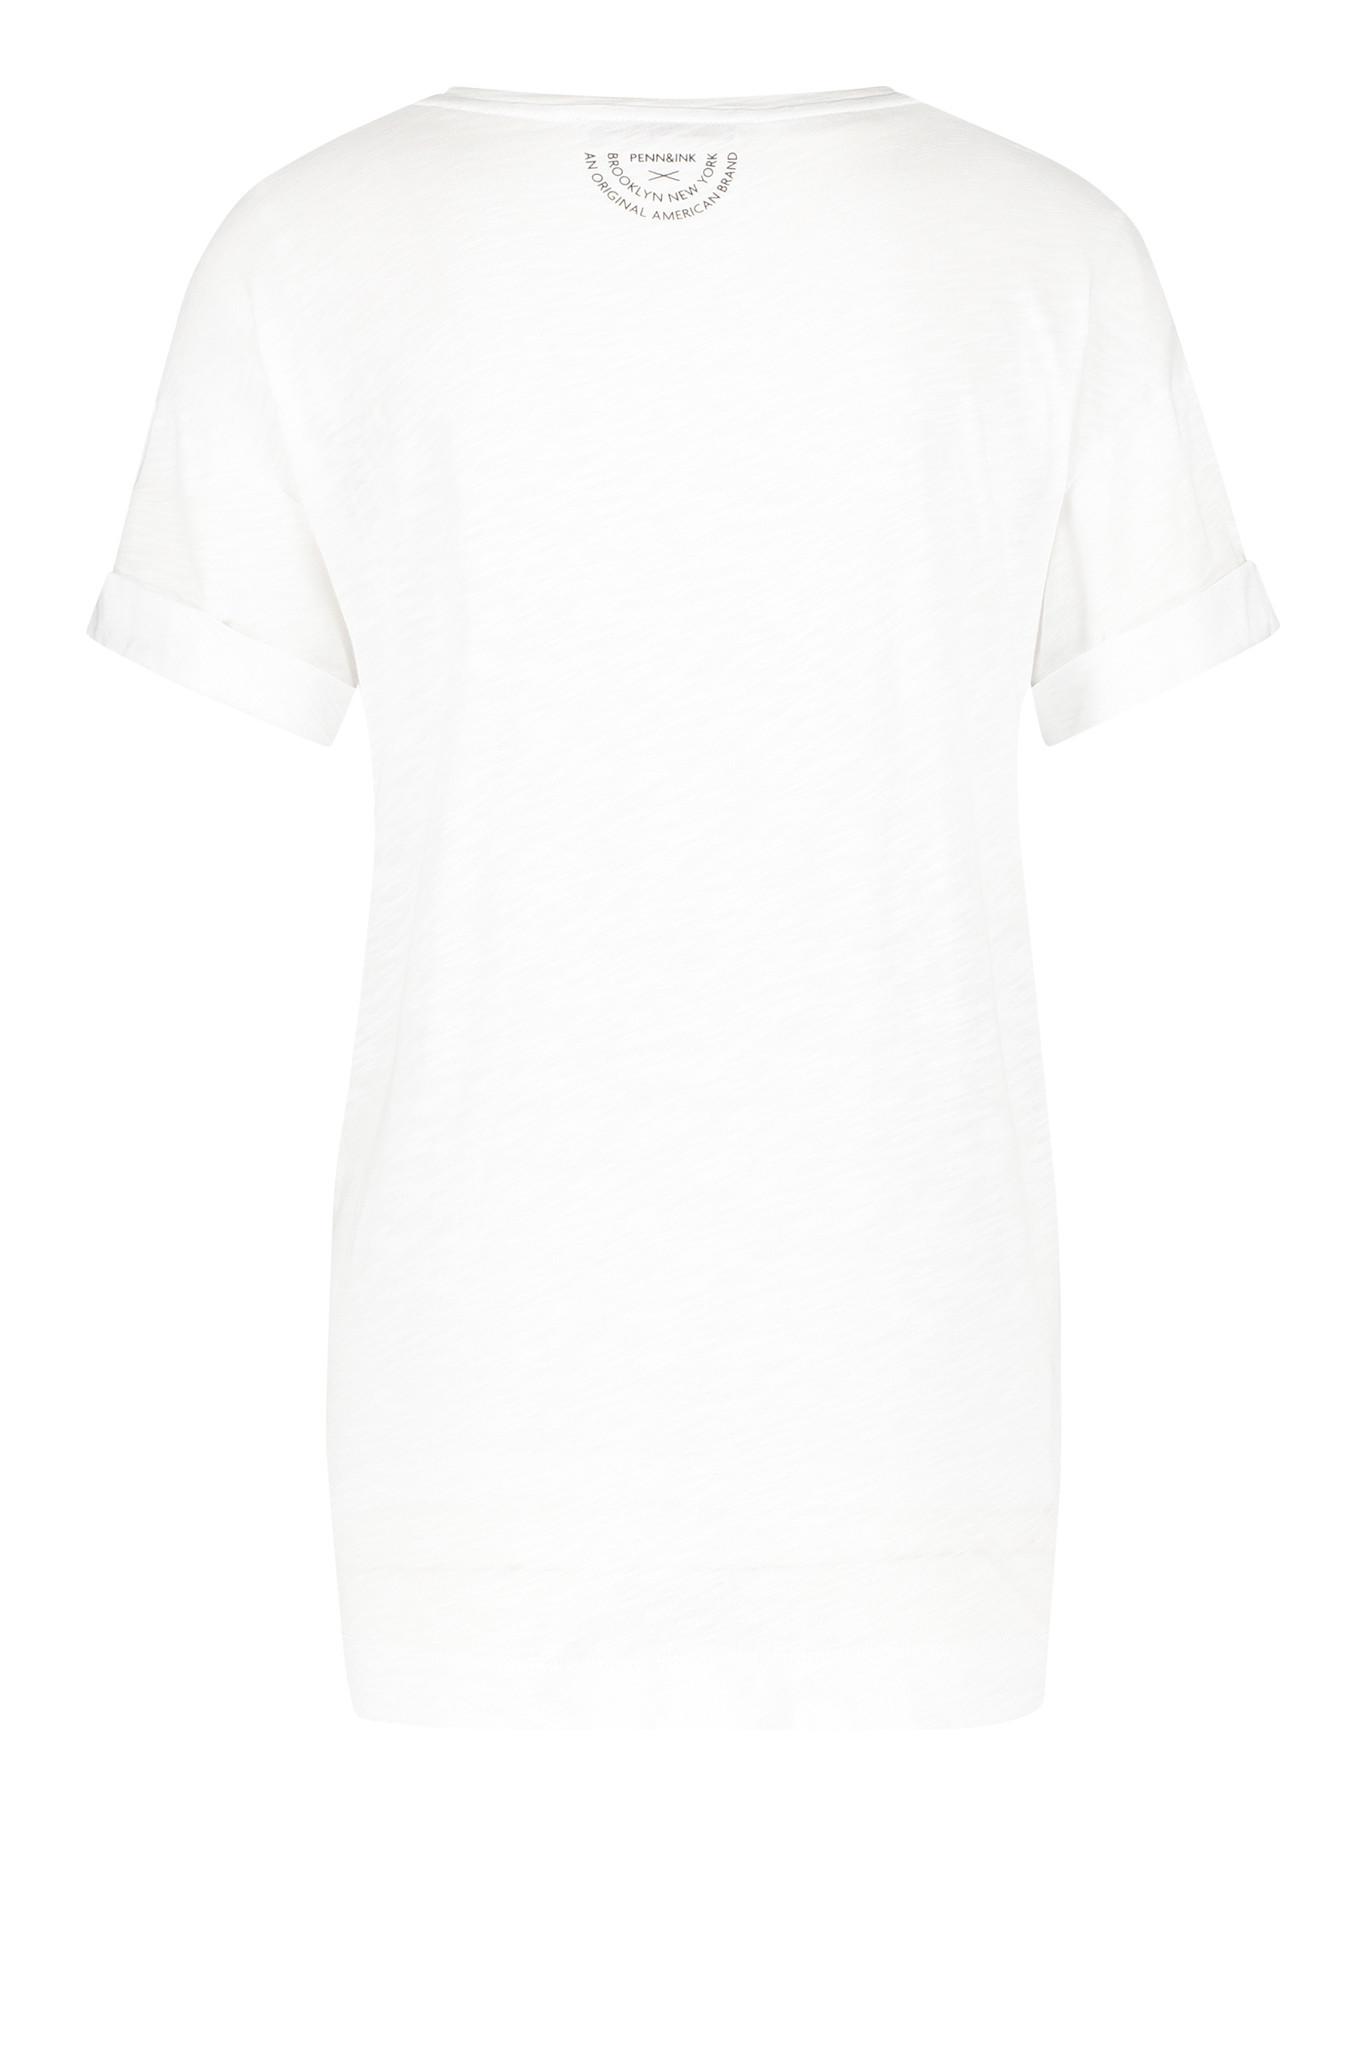 Penn & Ink shirts S21F882-2